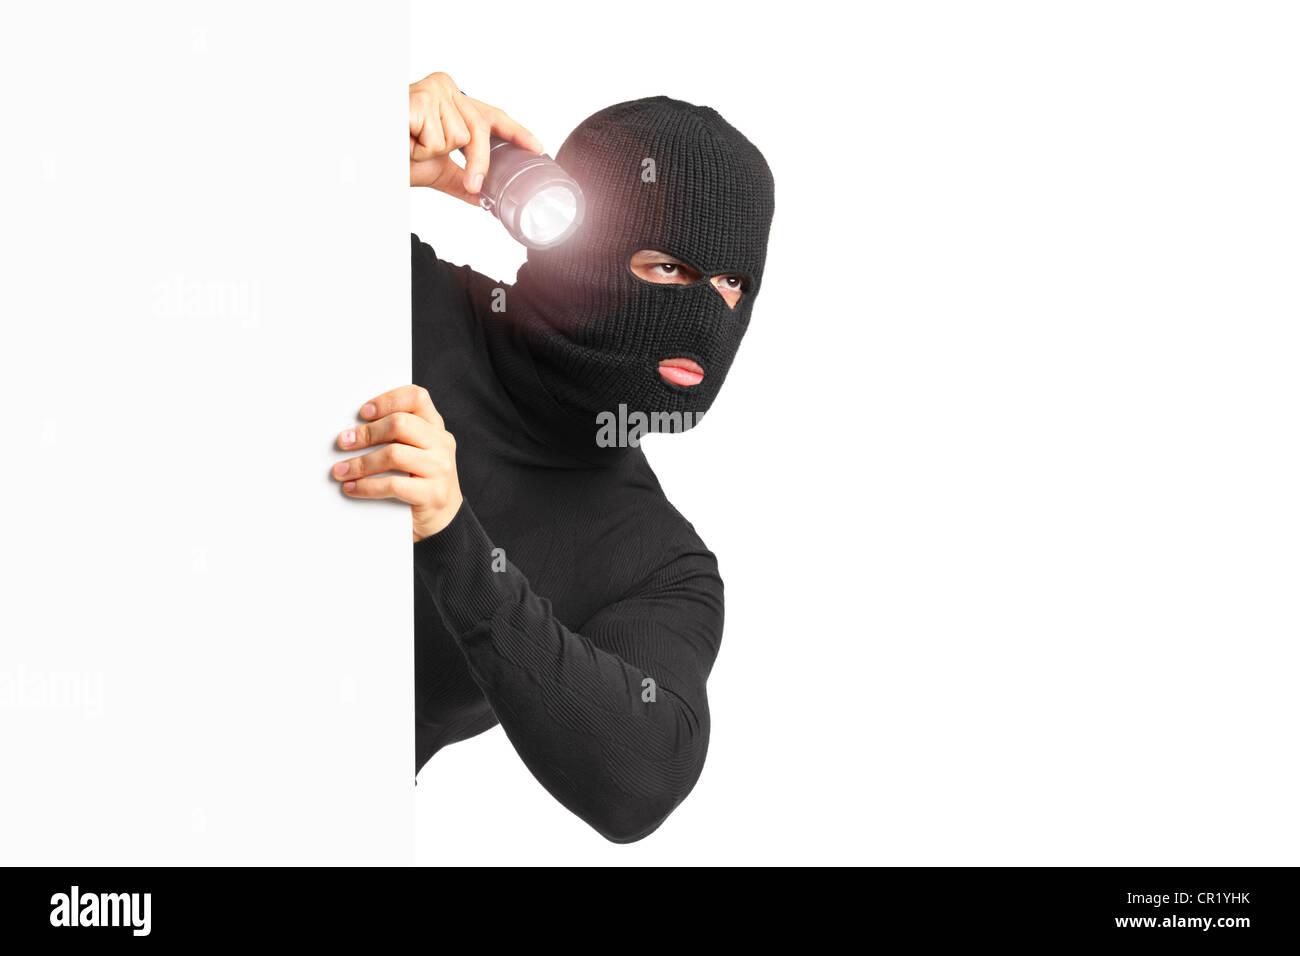 Ein Dieb mit Raub Maske hält eine Taschenlampe hinter einer weißen Blende isoliert auf weißem Hintergrund Stockbild